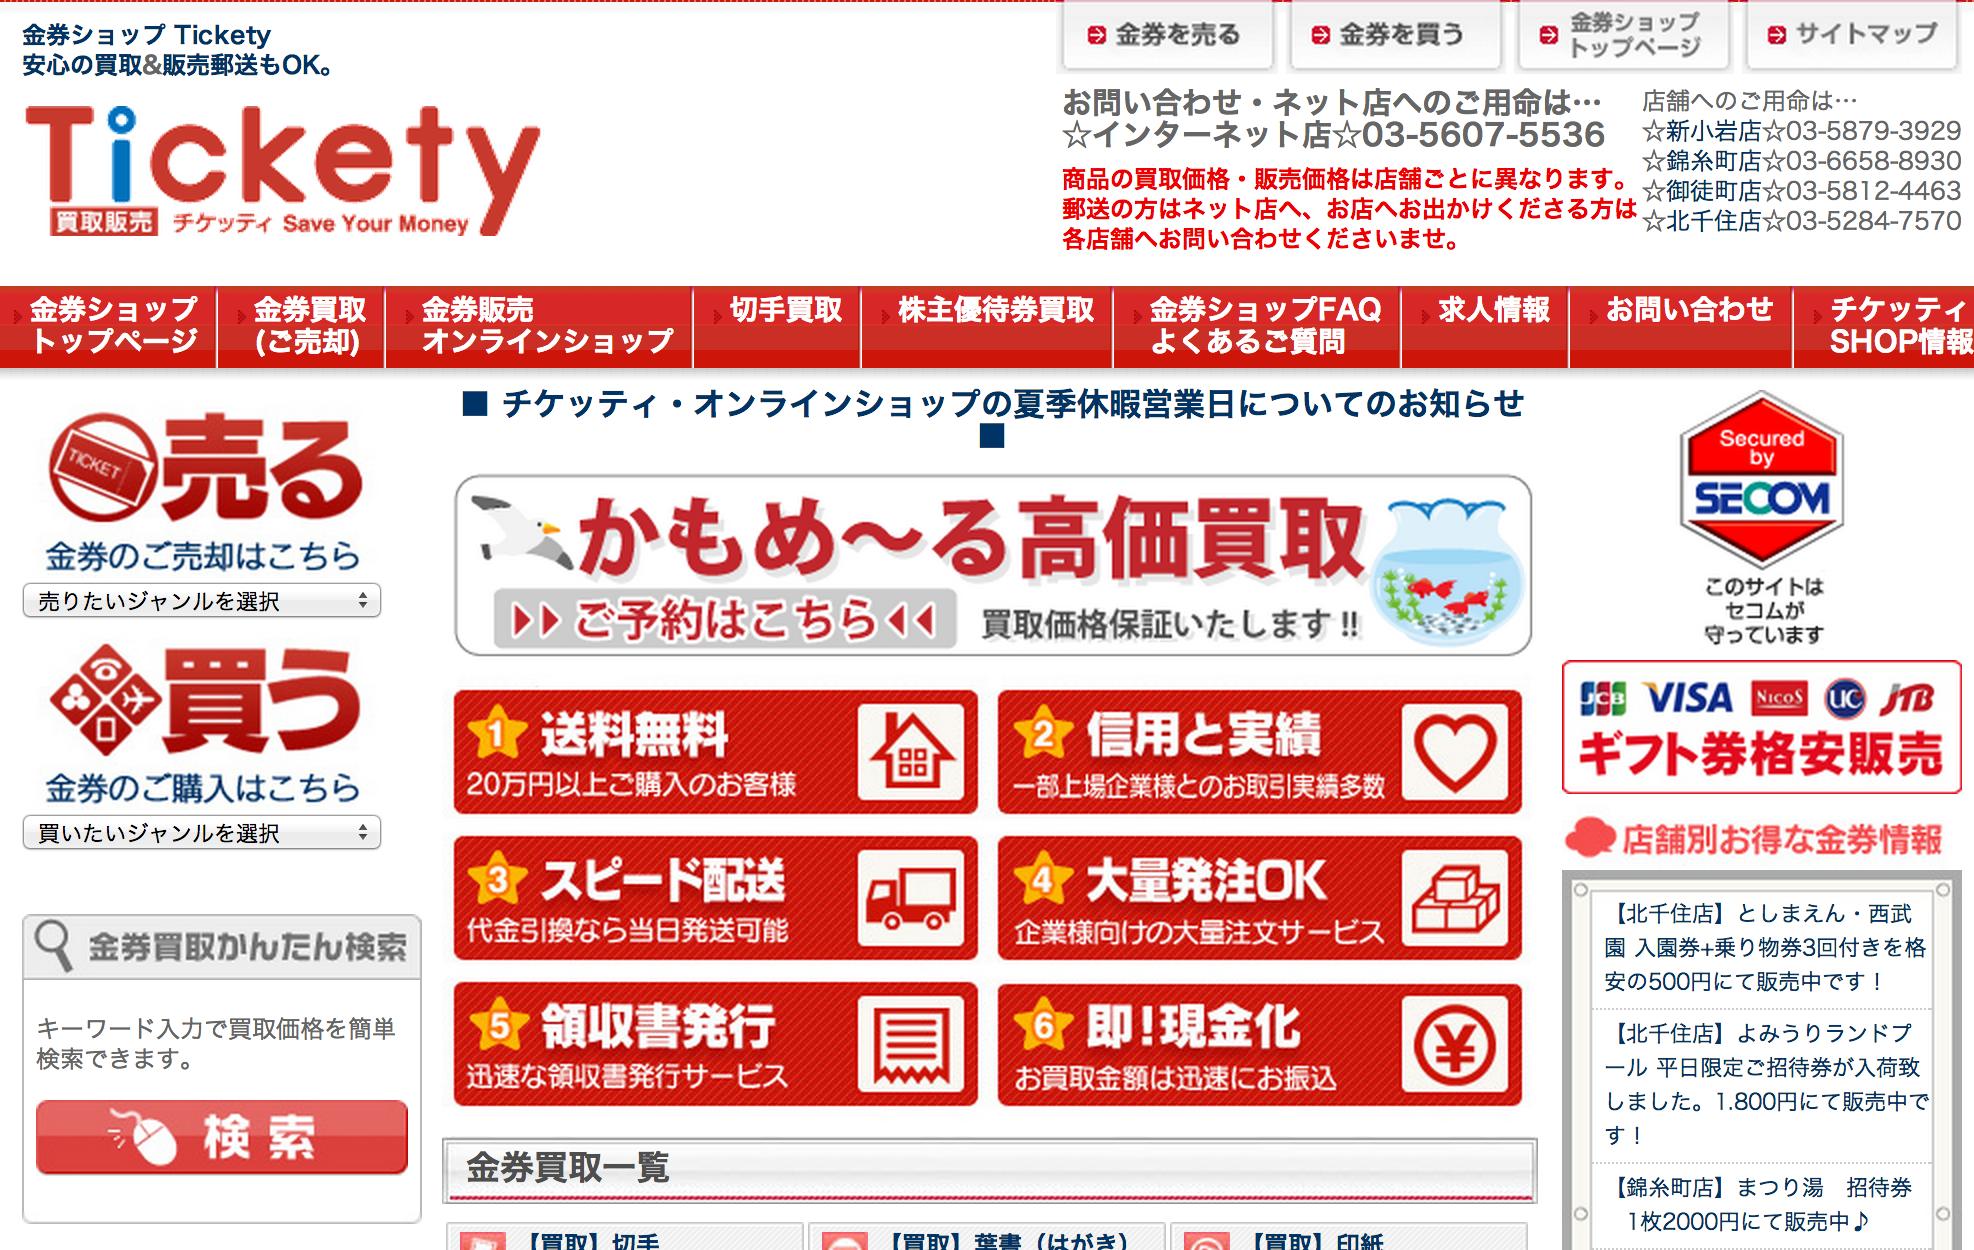 スクリーンショット 2014-07-31 20.03.53